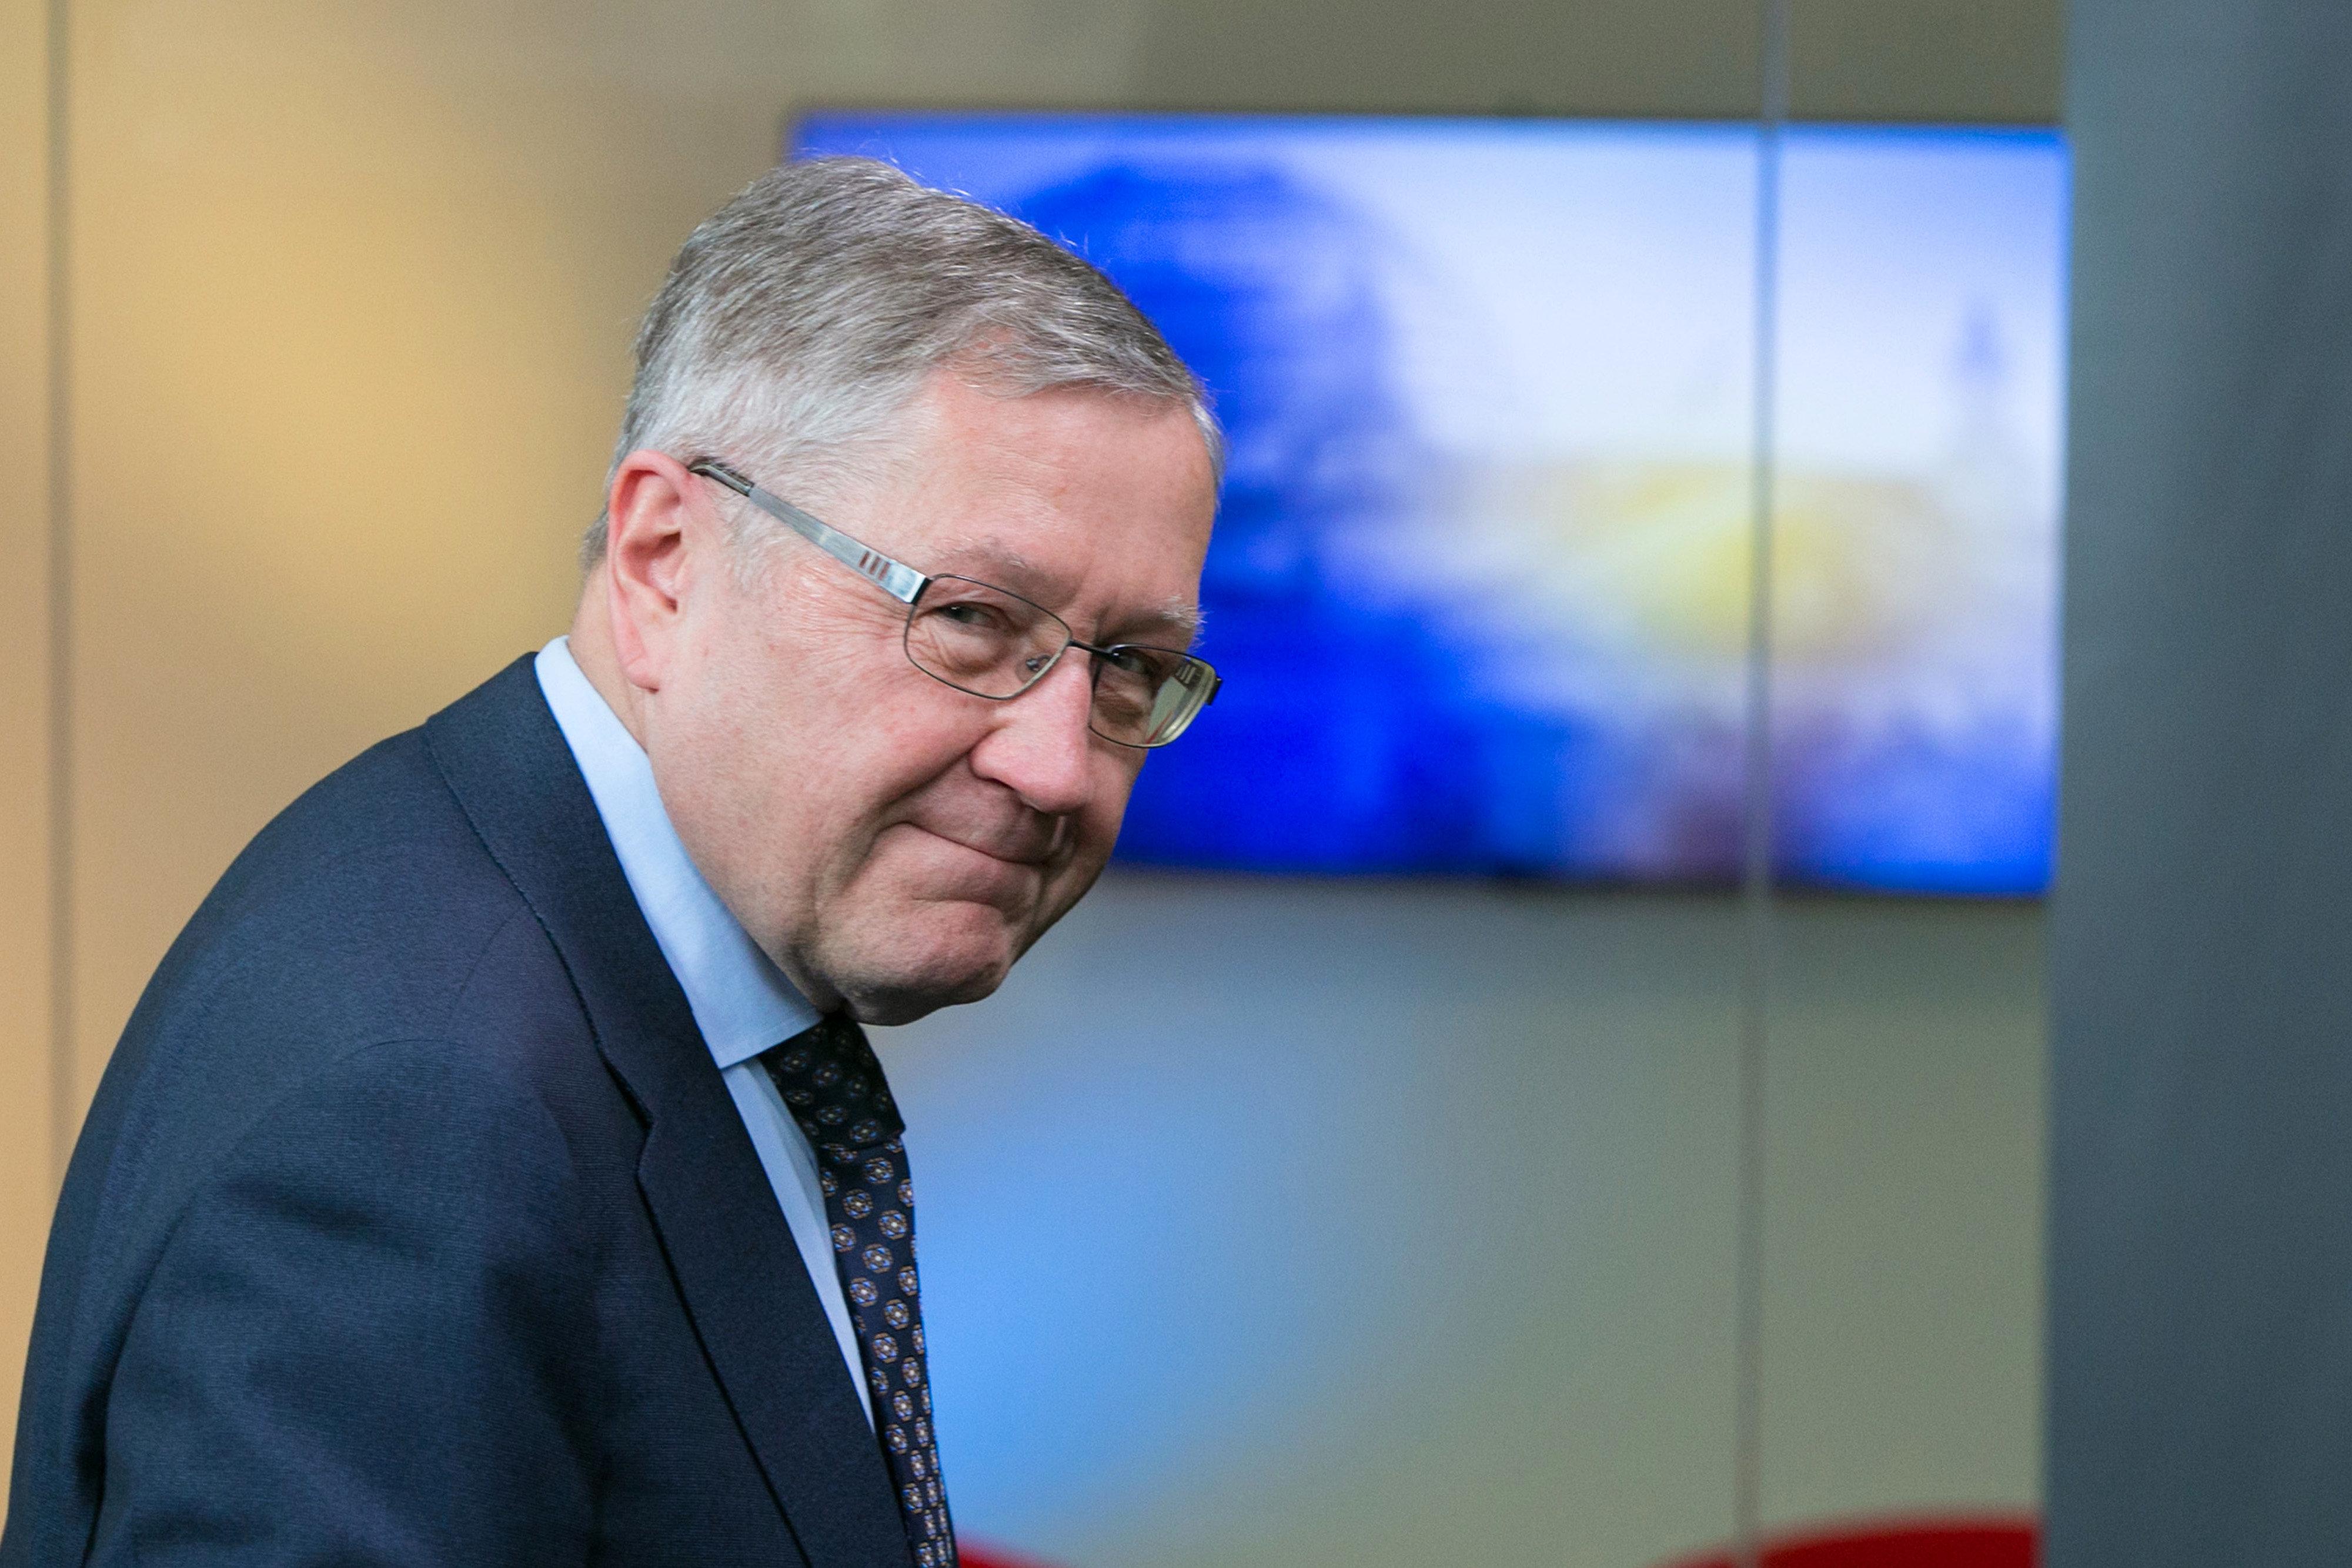 Ρέγκλινγκ: Ένα νέο μέσο χρηματοδότησης των χωρών της Ευρωζώνης στο τραπέζι της συζήτησης για τη μεταρρύθμισή της